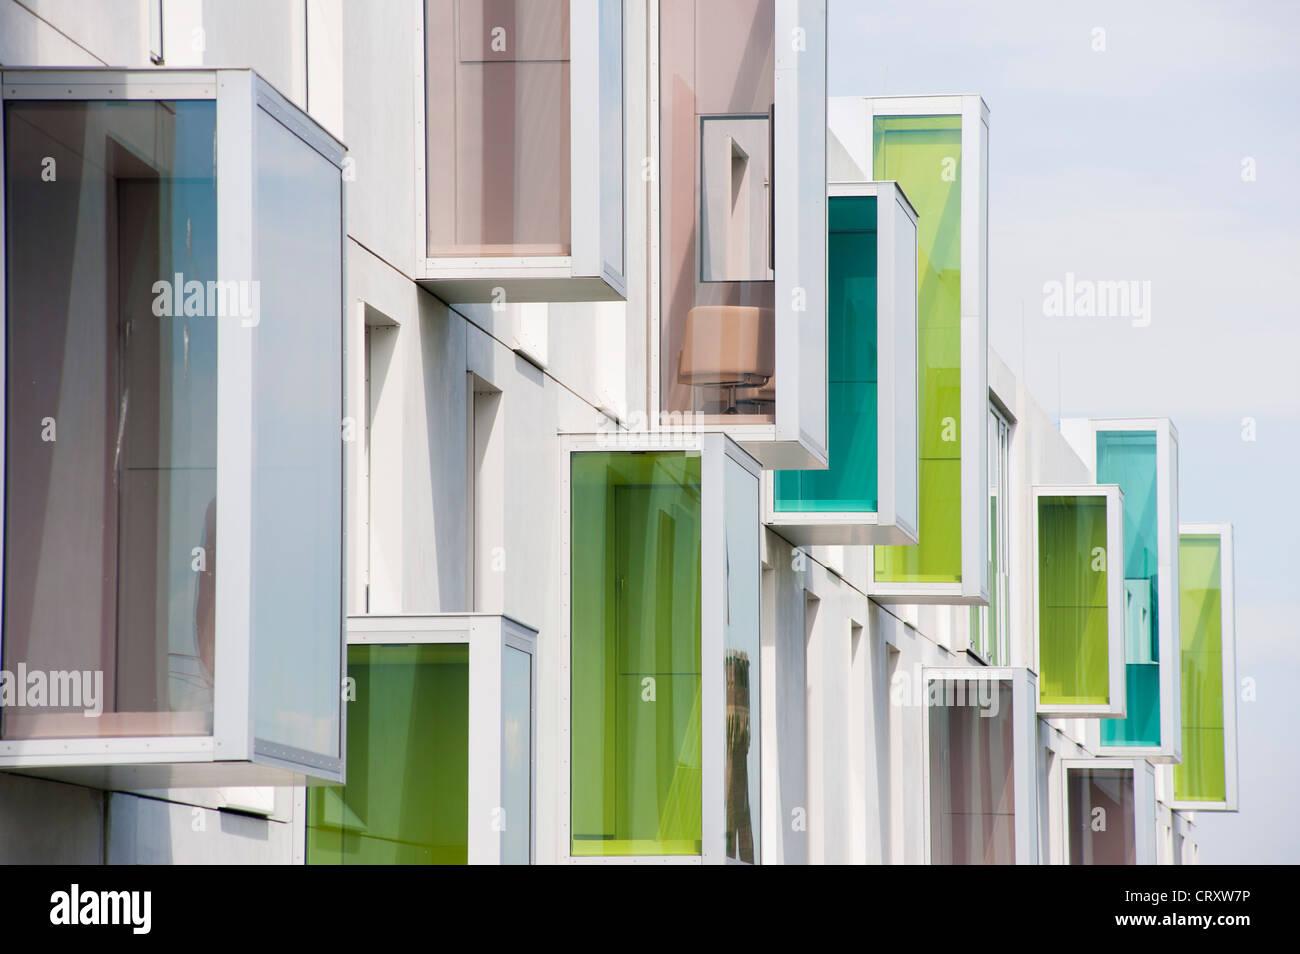 Exterior of Modern Art'Otel avec architecture insolite dans le quartier Rheinauhafen Cologne Allemagne Photo Stock